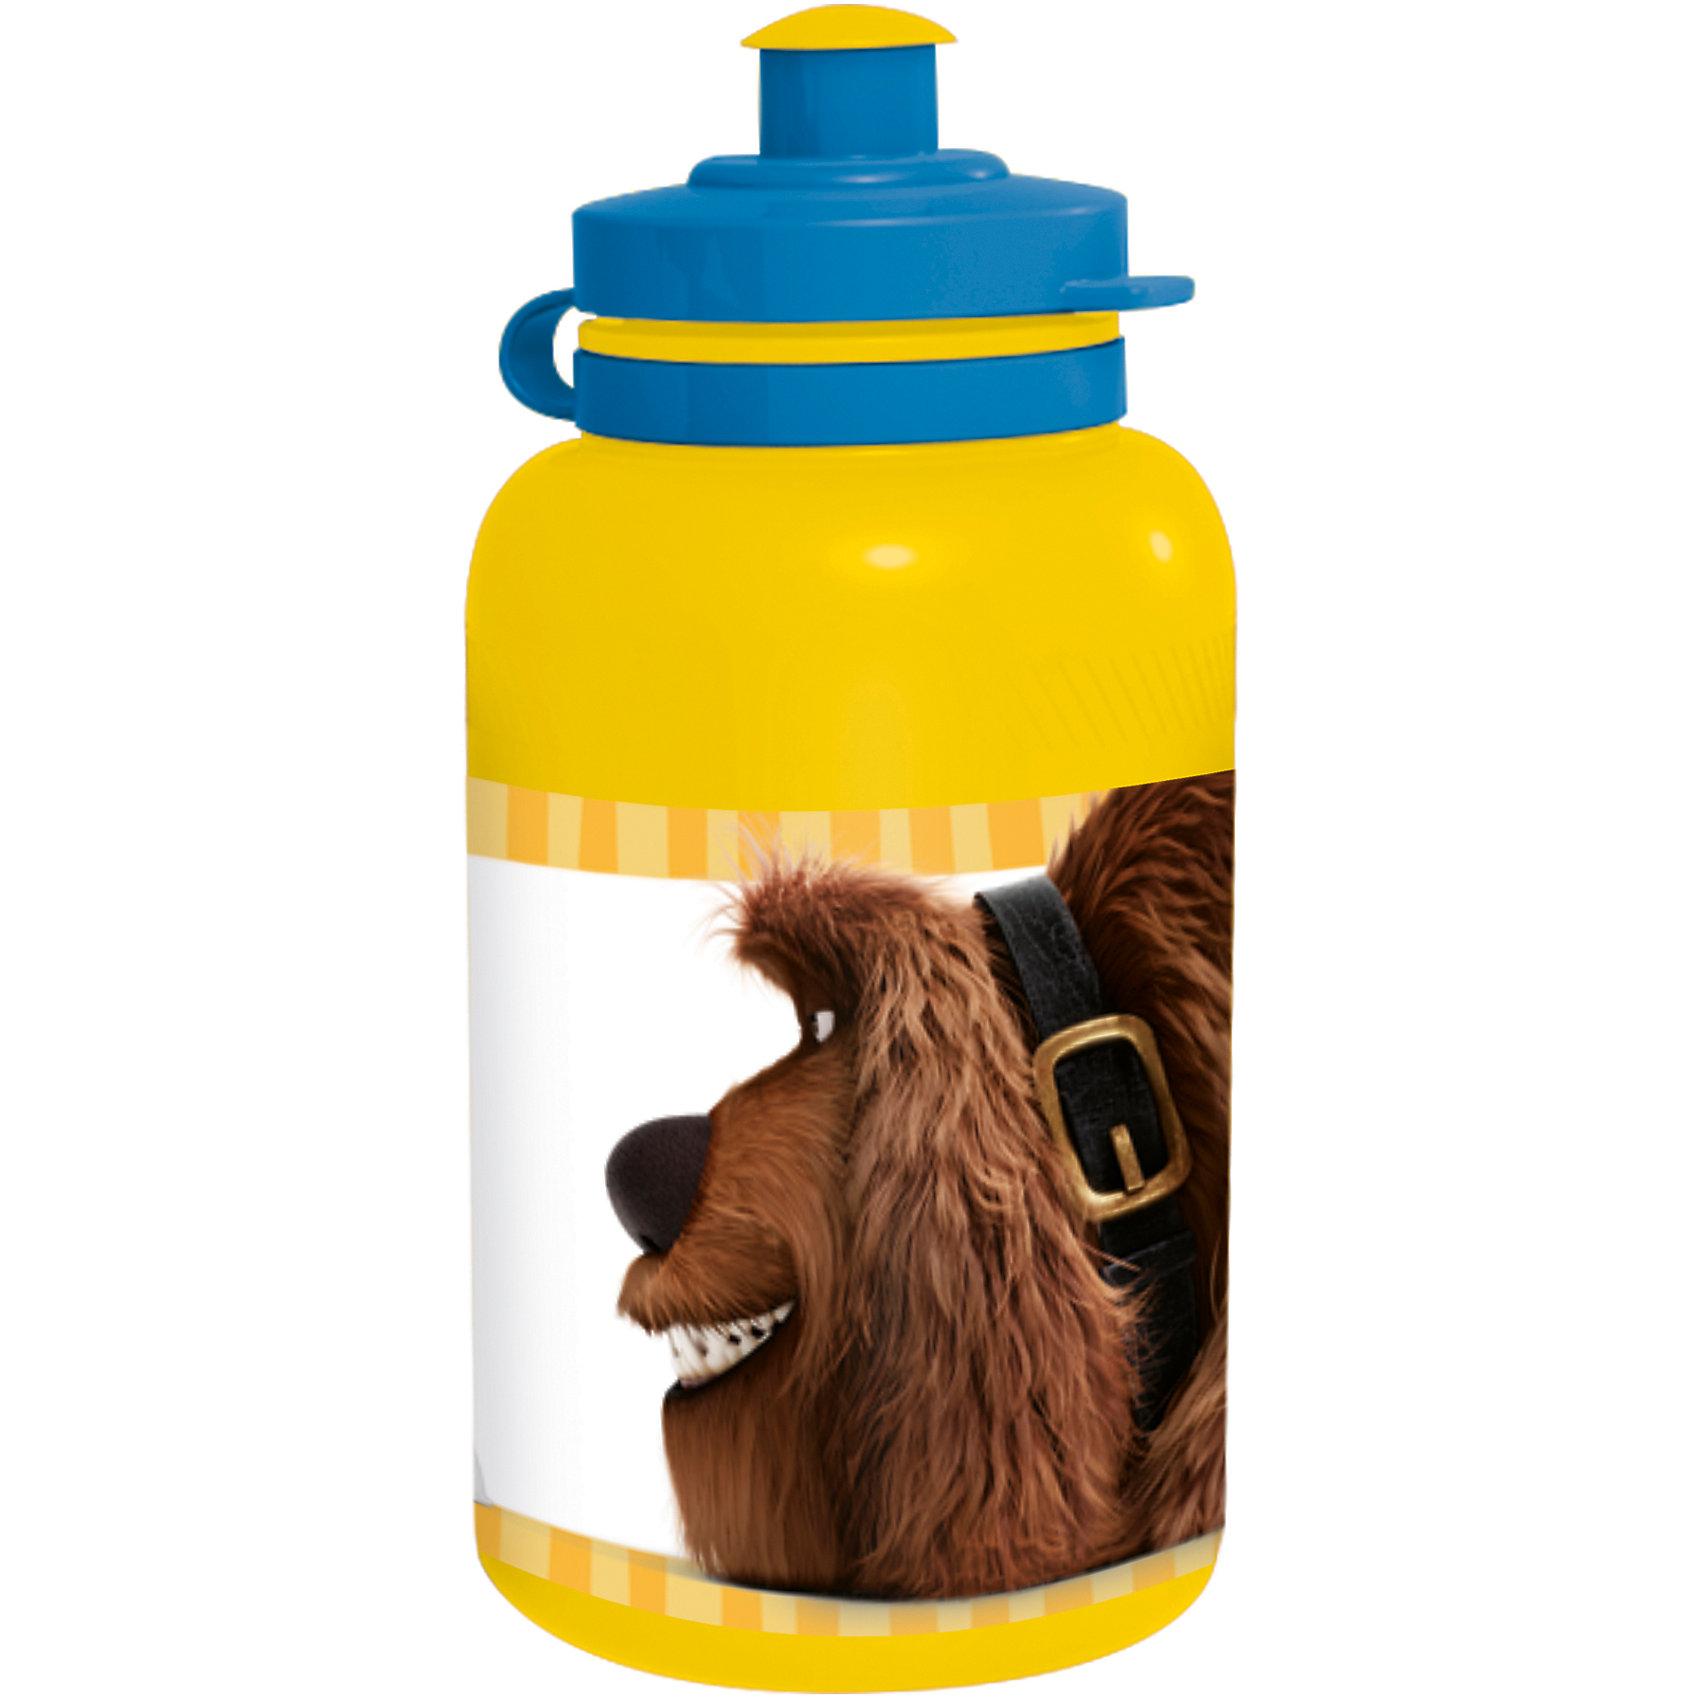 Бутылка пластиковая Тайная жизнь домашних животных 400 млБутылки для воды и бутербродницы<br>Характеристики товара:<br><br>• материал: пластик<br>• украшена рисунком<br>• размер: 6,5х6,5х15 см<br>• вес: 40 г<br>• объем: 400 мл<br>• страна бренда: Испания<br>• страна производства: Китай<br><br>Такая бутылка станет отличным подарком для ребенка! Она отличается тем, что на предмете изображены персонажи из мультфильма Тайная жизнь домашних животных. Есть или пить из предметов с любимым героем многих современных детей - всегда приятнее. Бутылочка очень удобна, объем оптимален для детей, сюда как раз вместится необходимый для одной тренировки объем воды. Плюс - изделие дополнено специальной крышкой. Использовать его можно и в школе, и на улице!<br>Бутылка выпущена в удобном формате, размер - универсальный. Изделие производится из качественных и проверенных материалов, которые безопасны для детей.<br><br>Бутылку пластиковую Тайная жизнь домашних животных 400 мл можно купить в нашем интернет-магазине.<br><br>Ширина мм: 65<br>Глубина мм: 65<br>Высота мм: 150<br>Вес г: 40<br>Возраст от месяцев: 36<br>Возраст до месяцев: 108<br>Пол: Унисекс<br>Возраст: Детский<br>SKU: 5282074